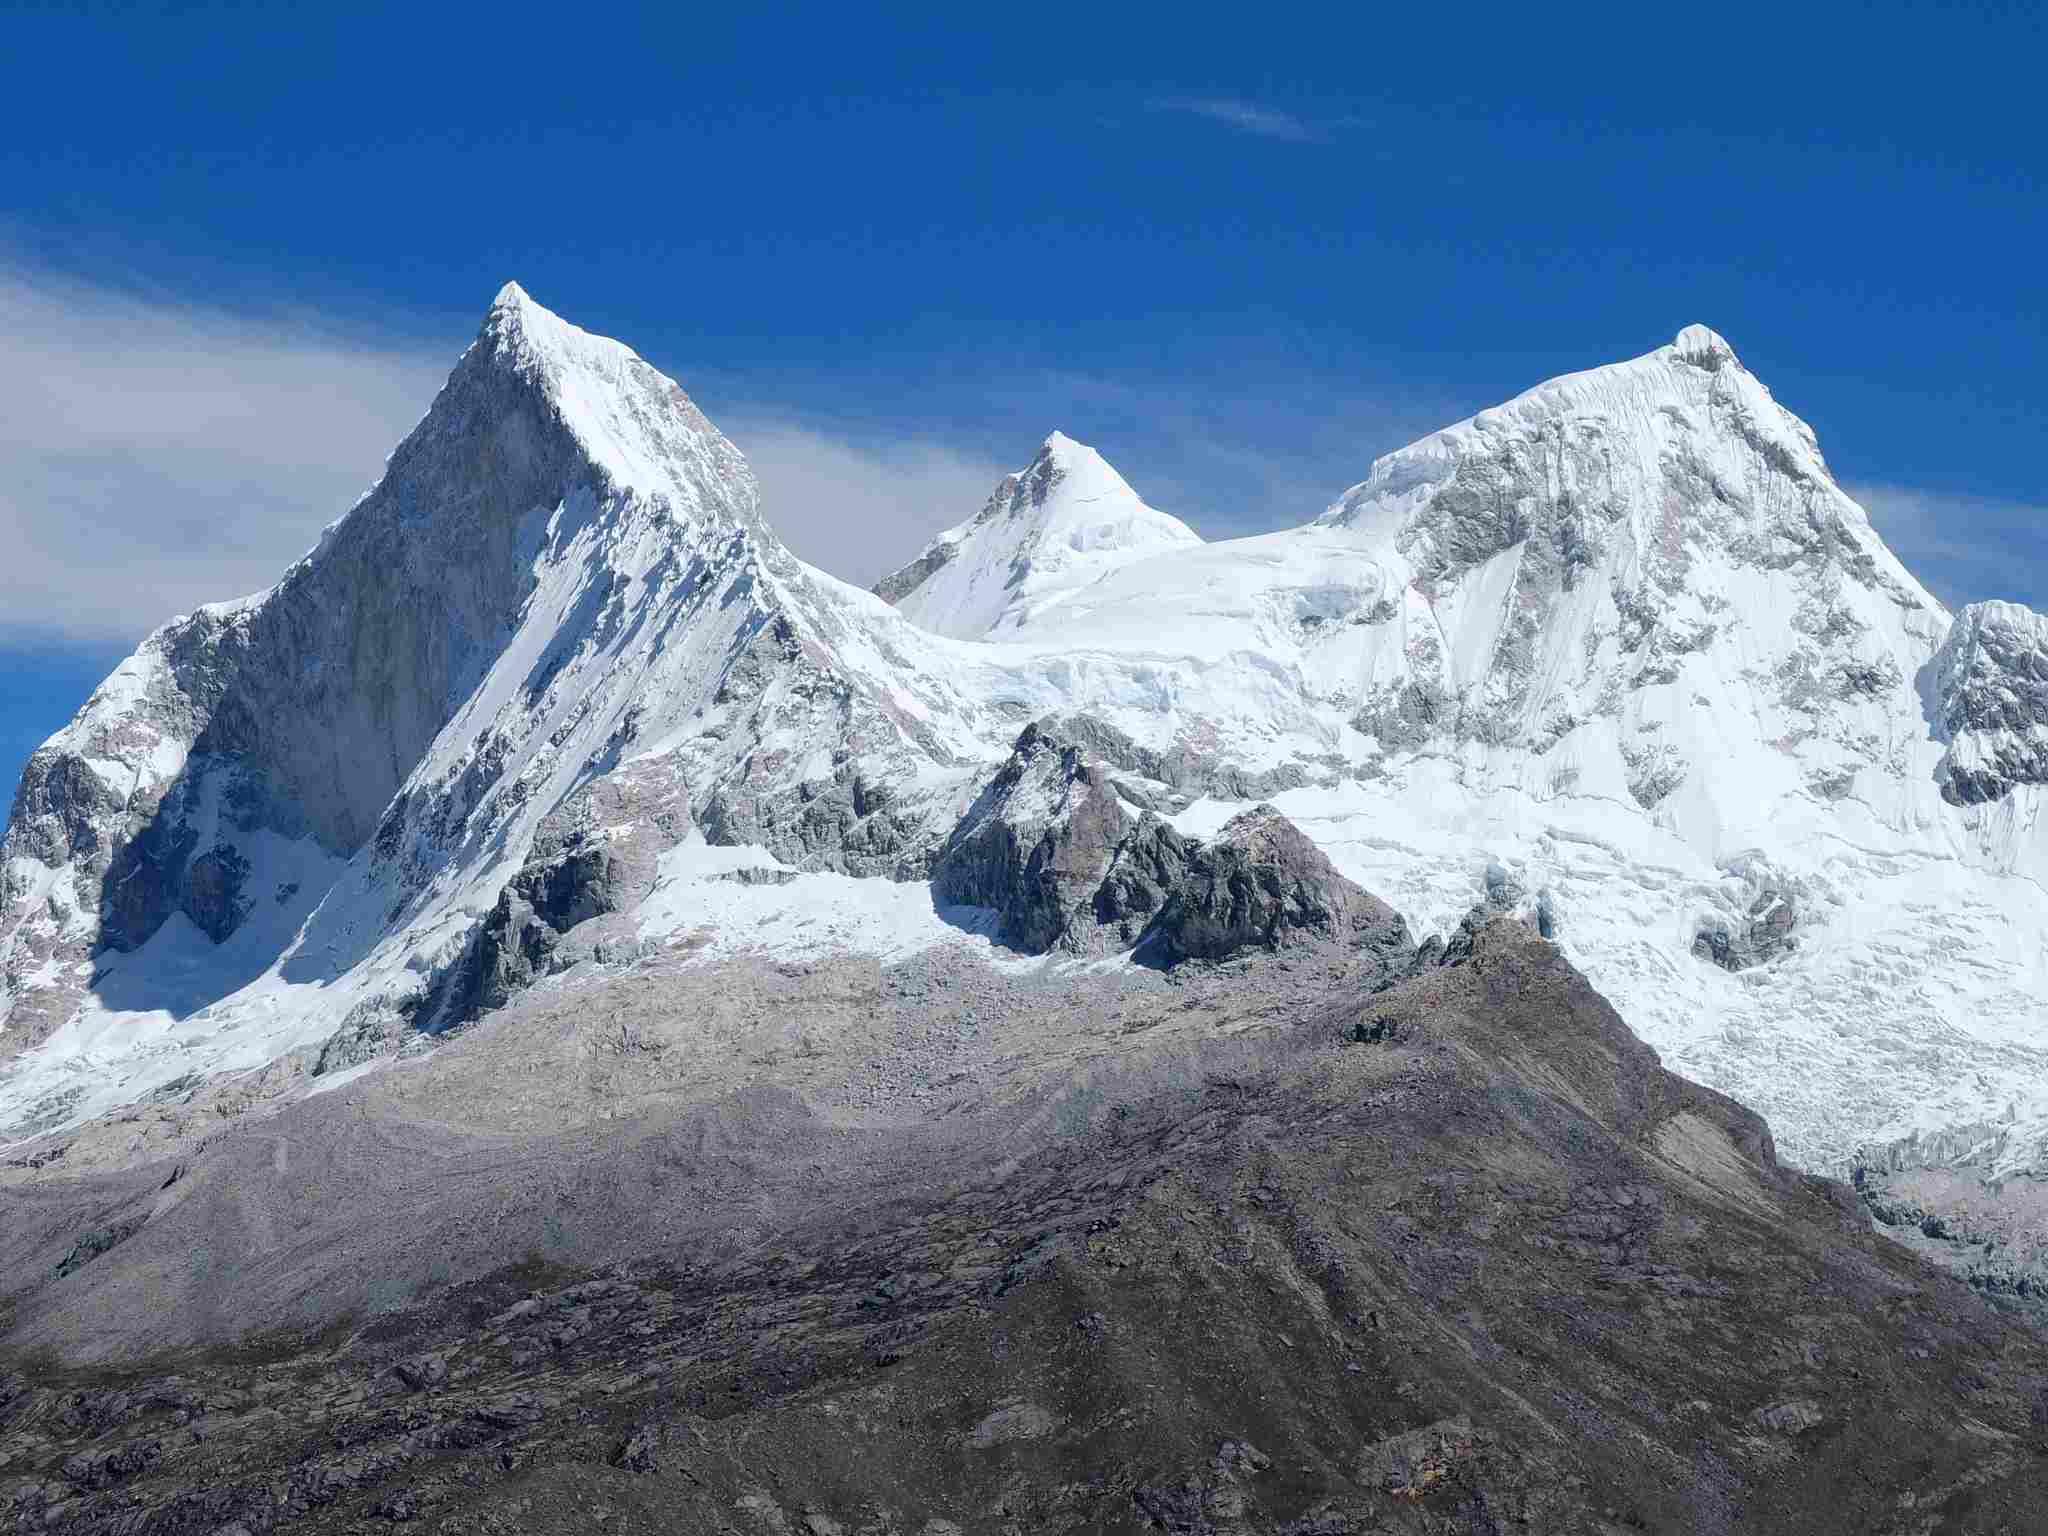 Huandoy Peak